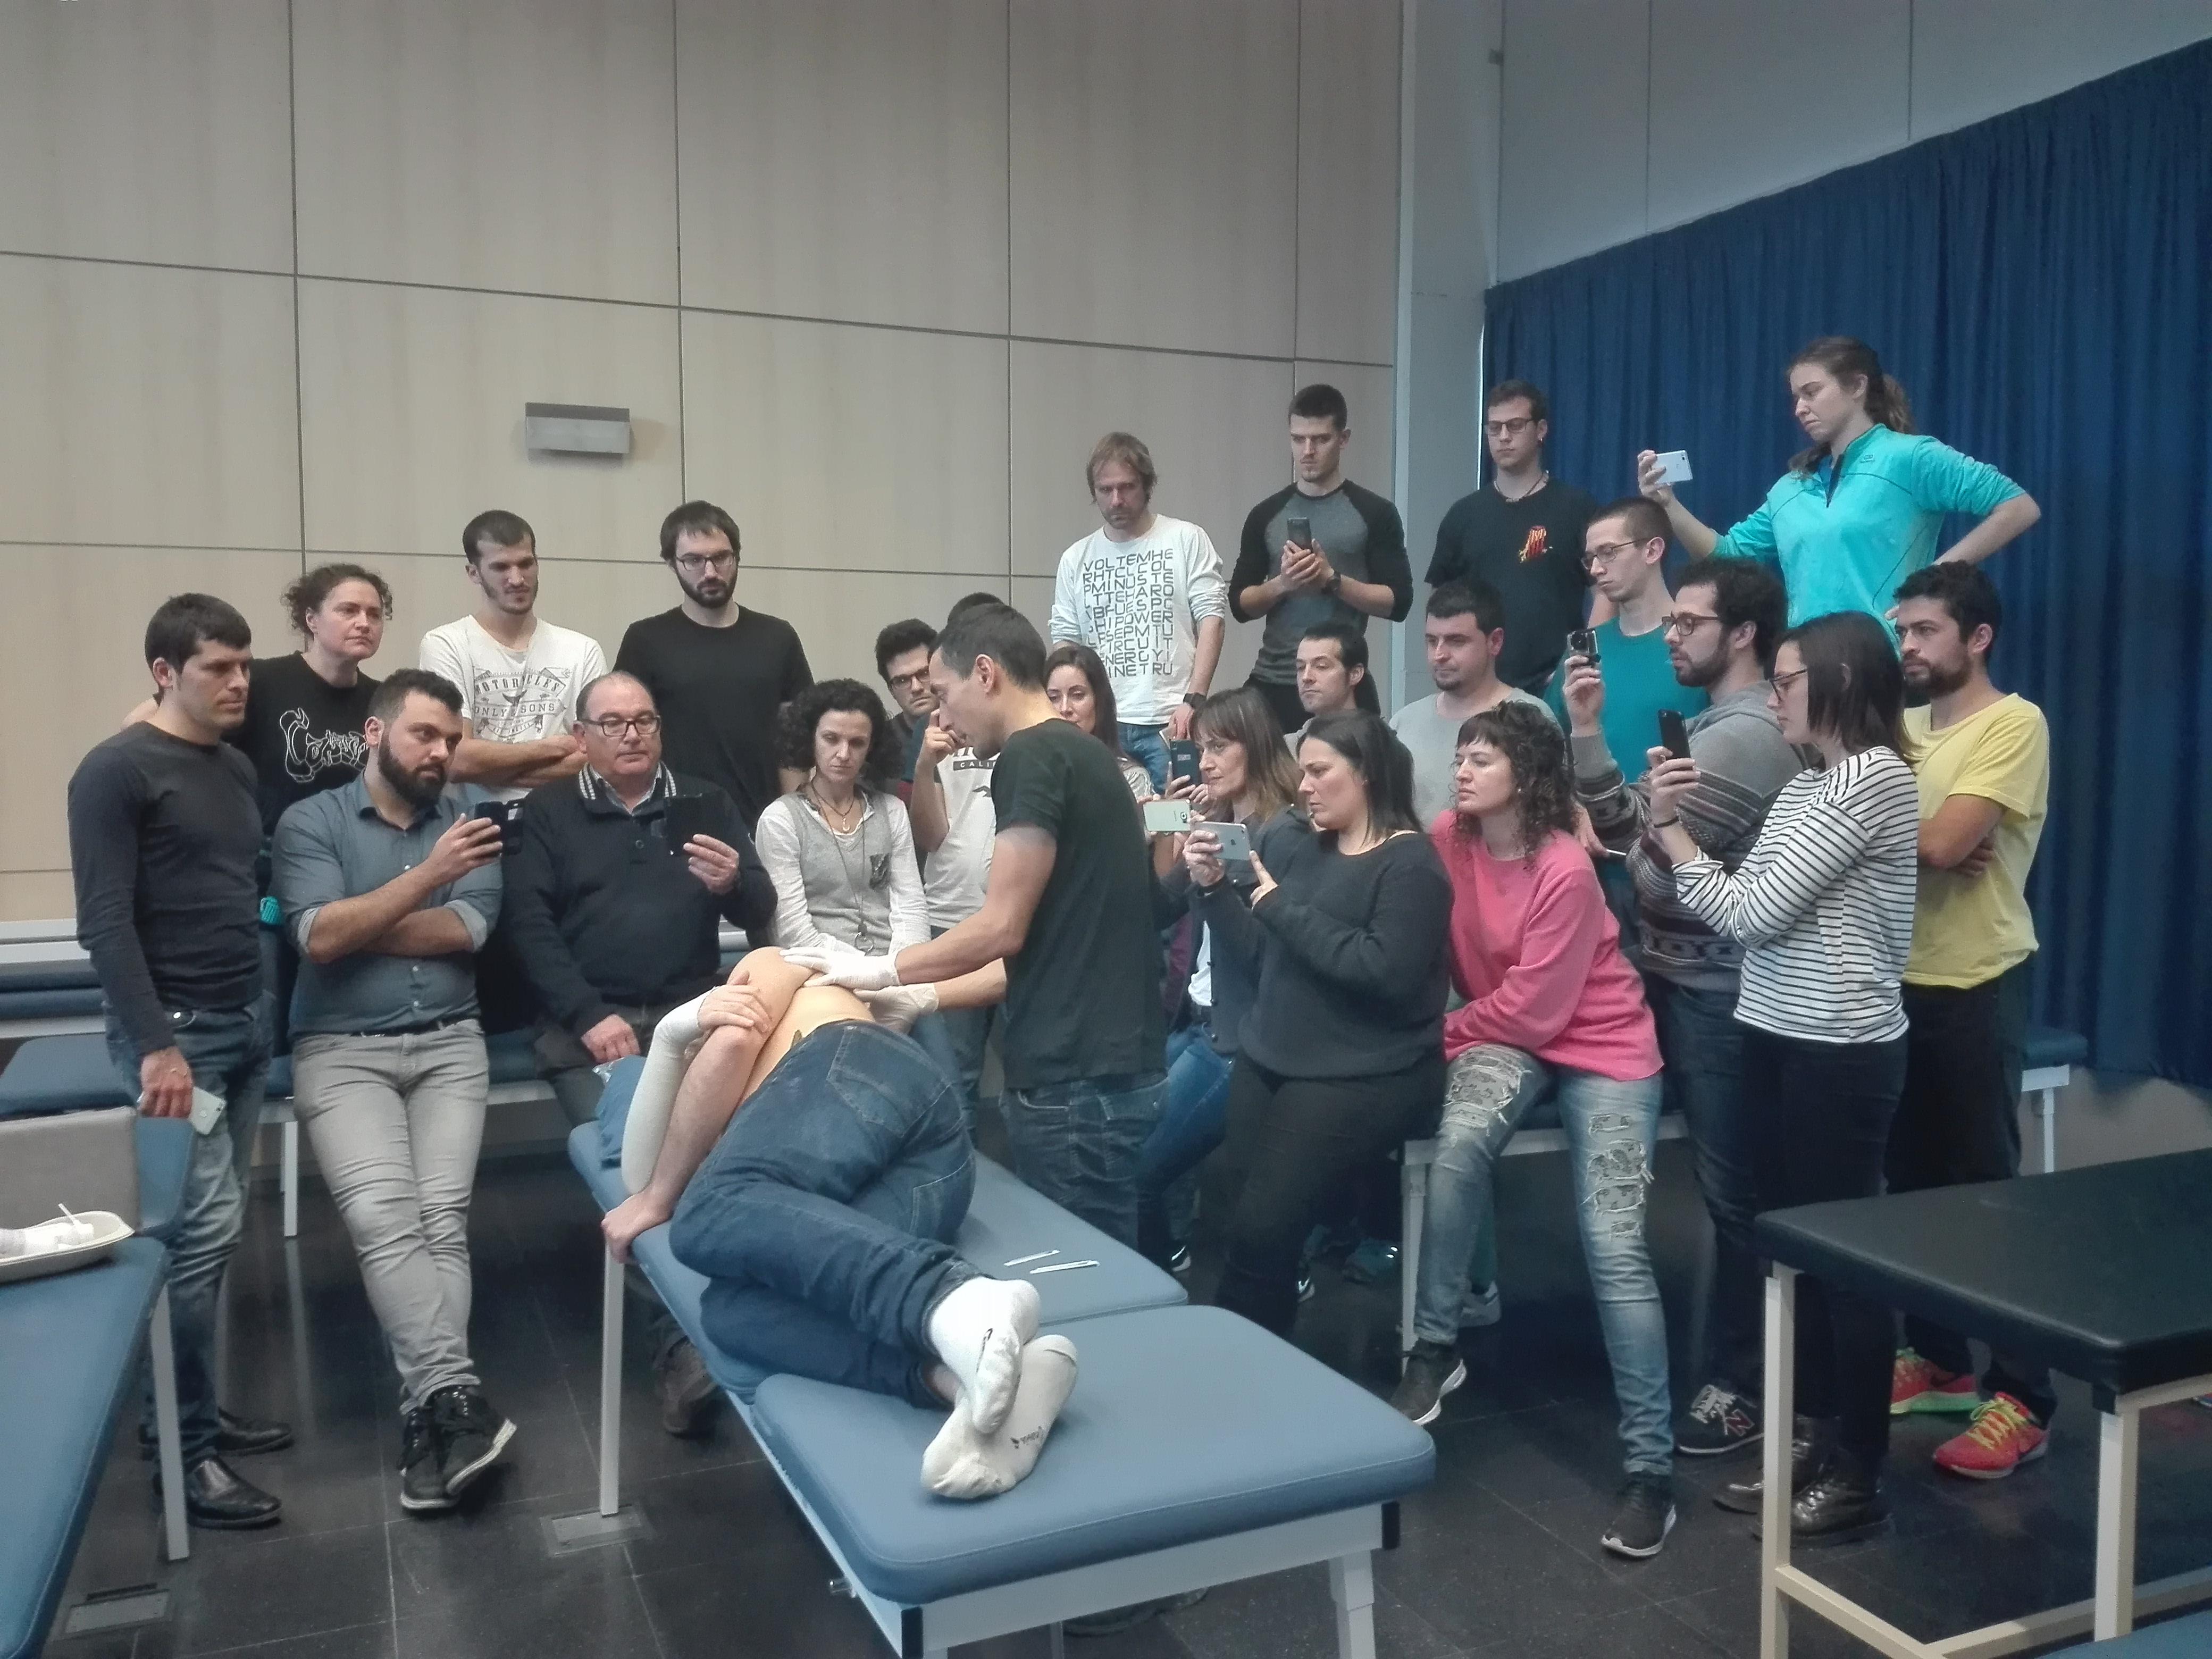 Alta participació en els cursos de formació continua en fisioteràpia d'EUSES d'embenats neuromusculars, ecografia múscul-esquelètica i punció seca